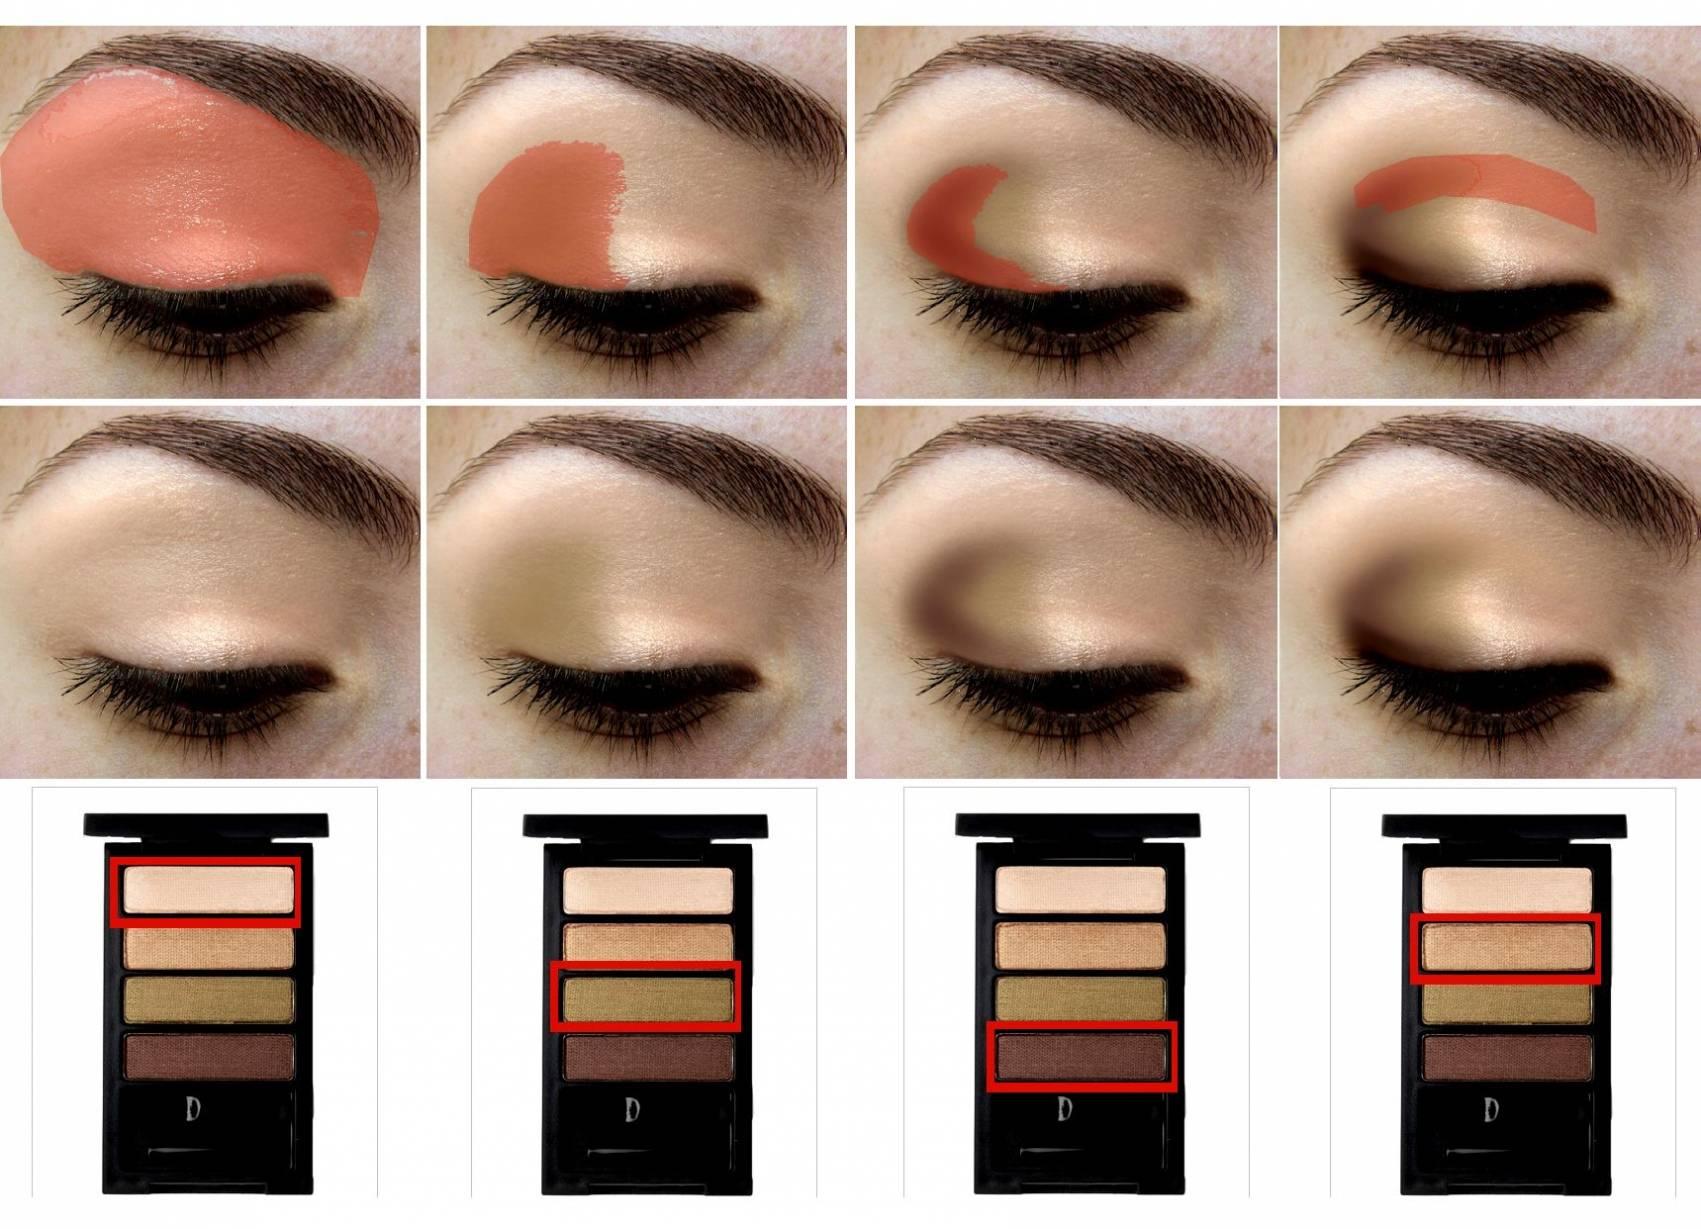 Как правильно наносить тени на глаза пошагово: фото и видео от профессиональных стилистов